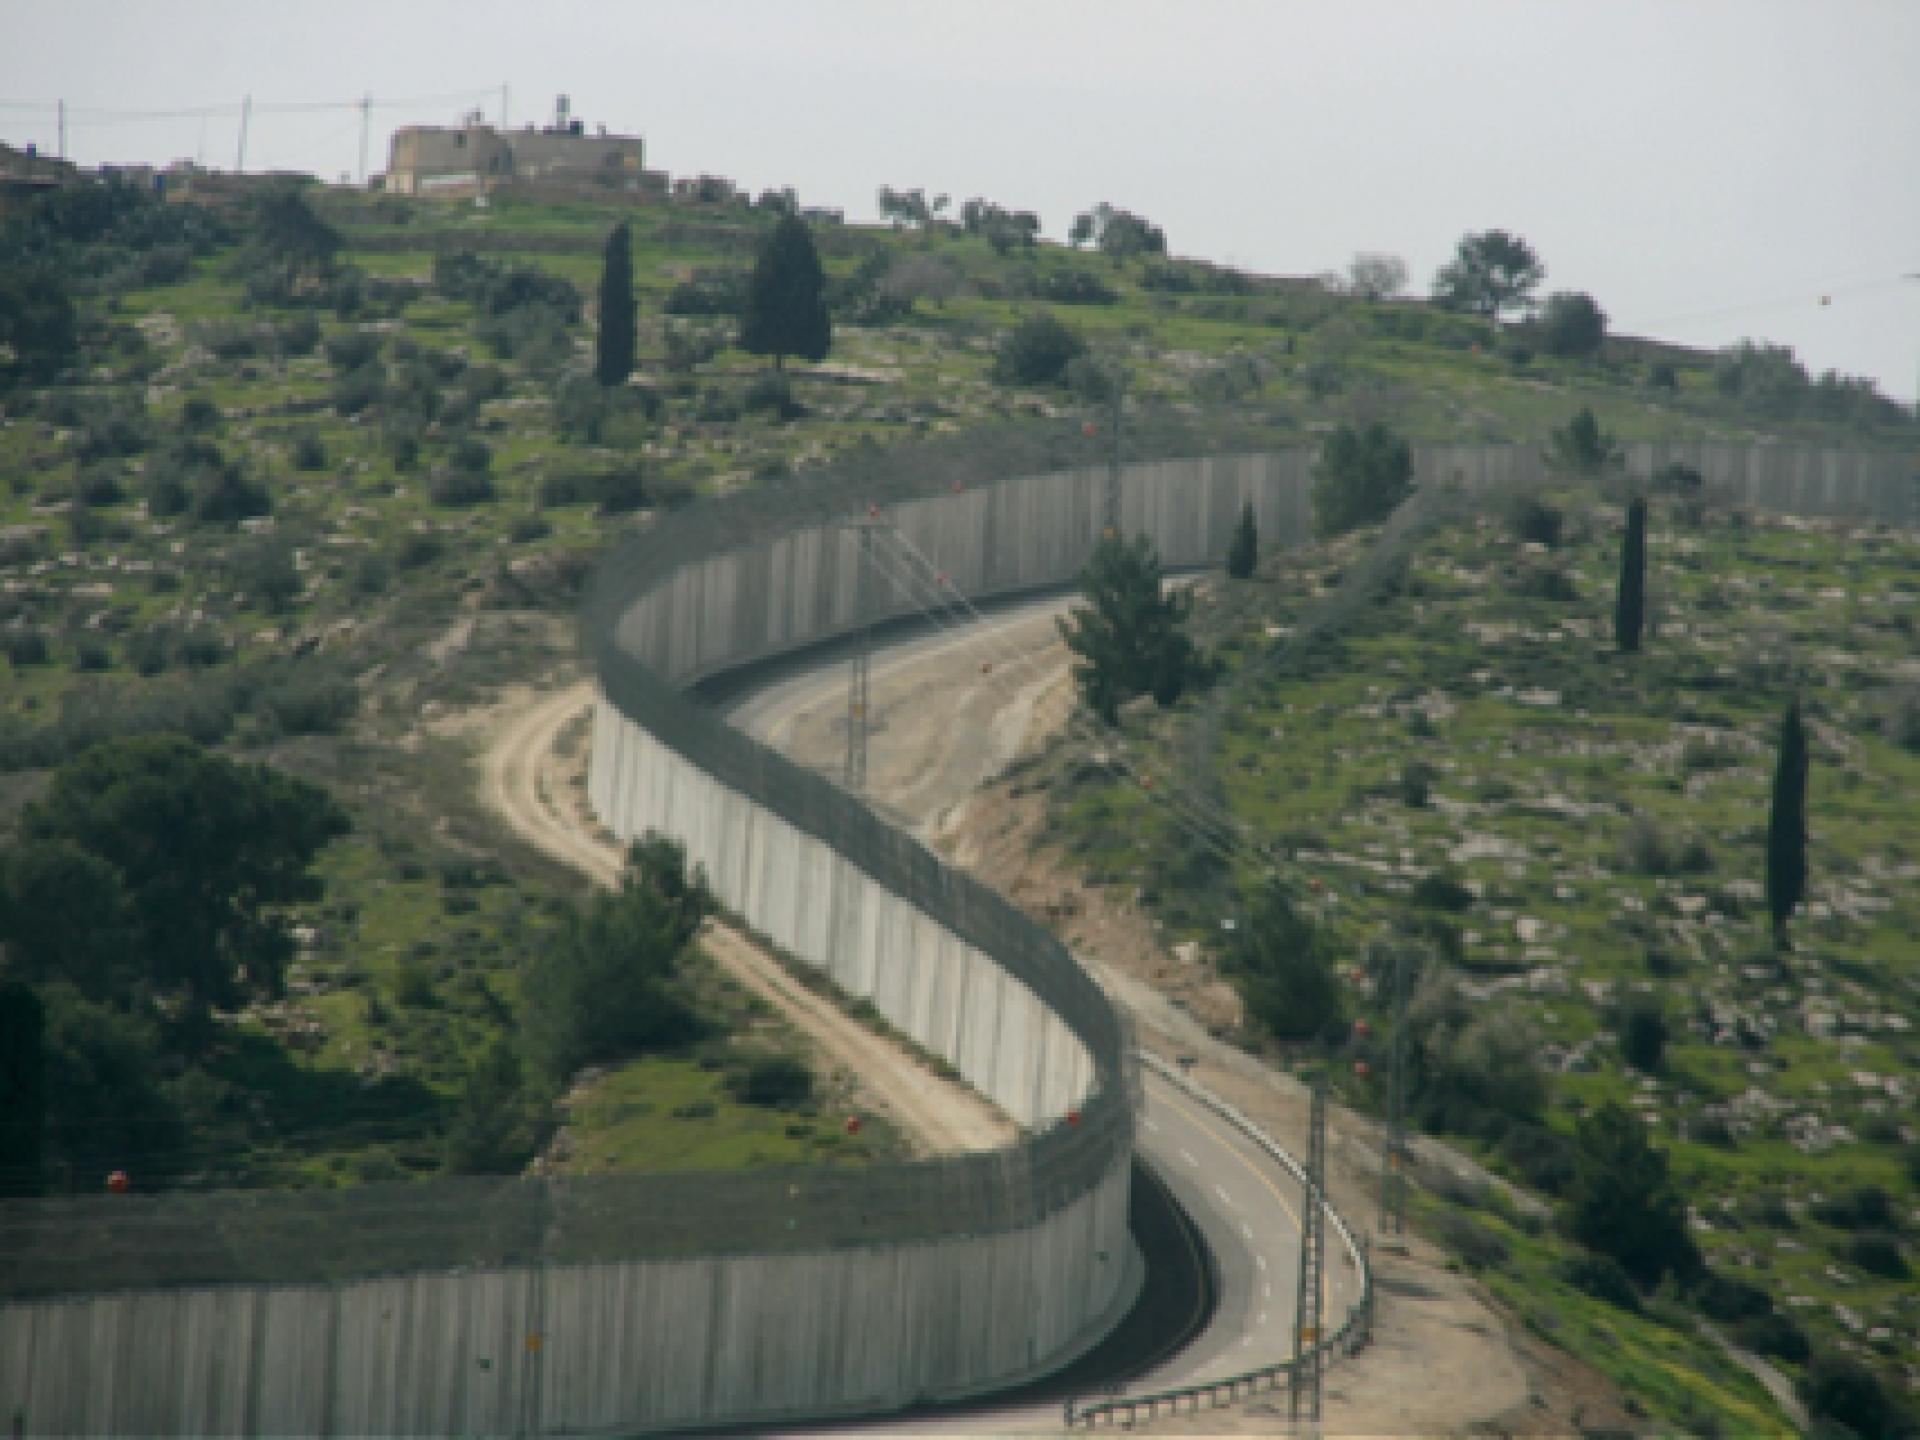 ארכיטקטורה של כיבוש: חומות בטון, גדרות תיל, פילבוקסים ומחסומים